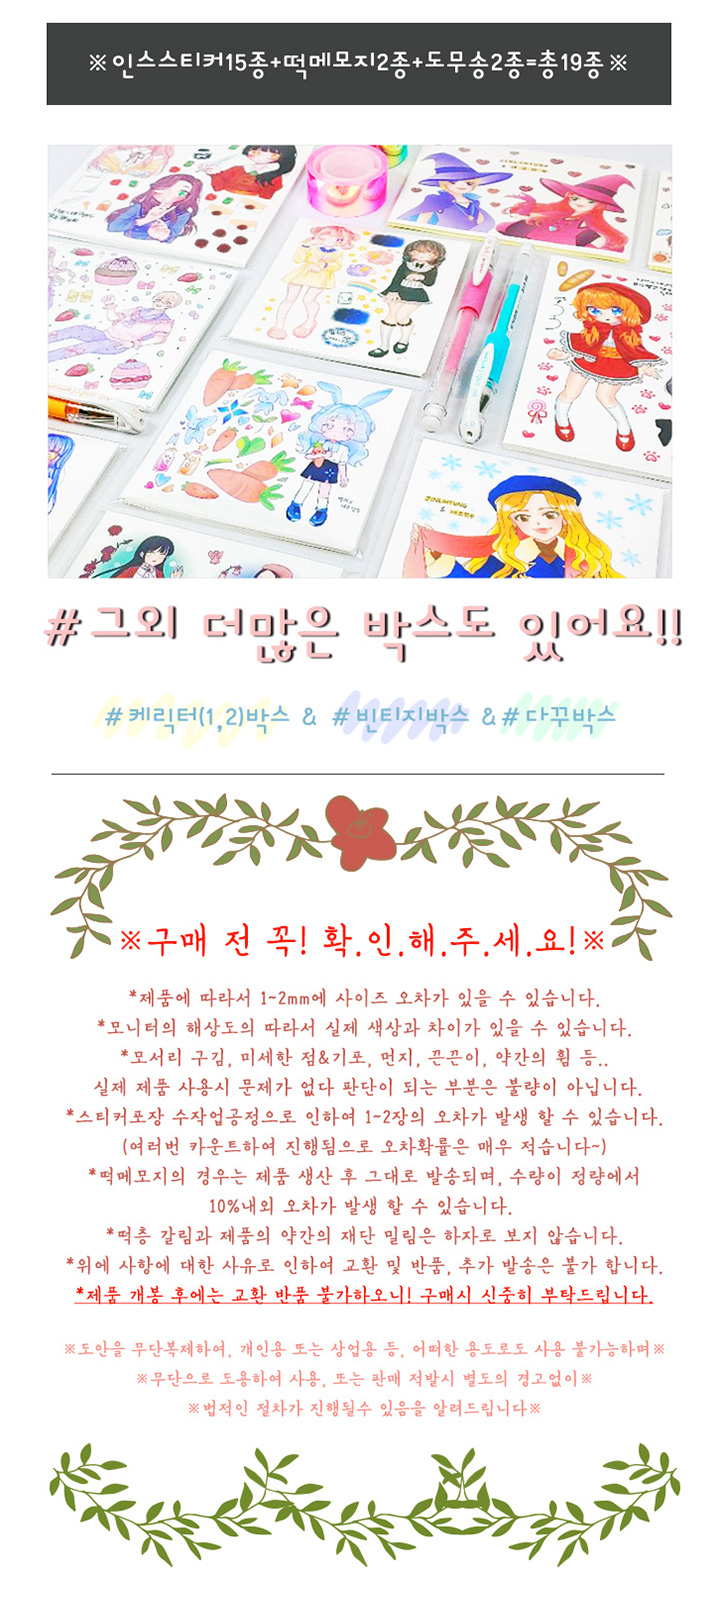 인스 랜덤박스 인물 캐릭터 럭키박스 - 네코만두, 20,000원, 스티커, 디자인스티커